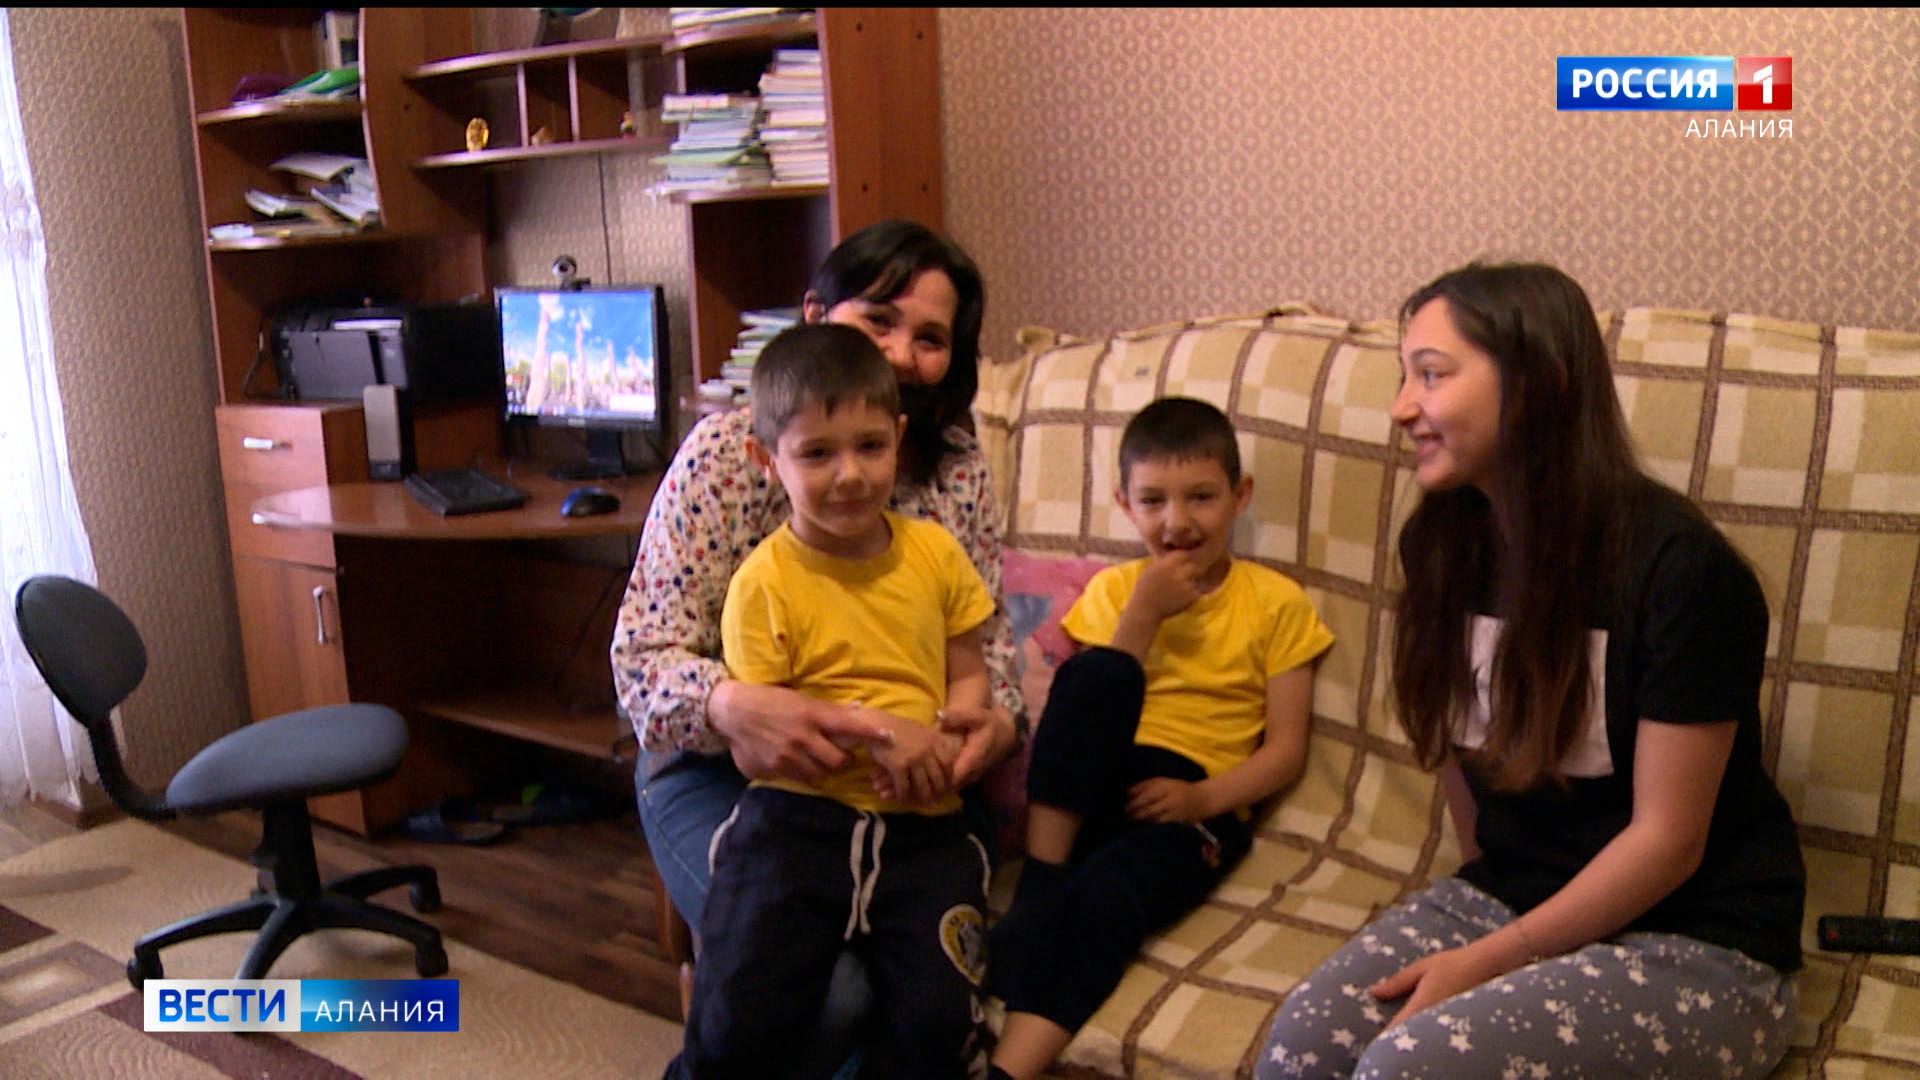 Фамильный фонд Джиоевых поддерживает родственников, которые пострадали от пандемии